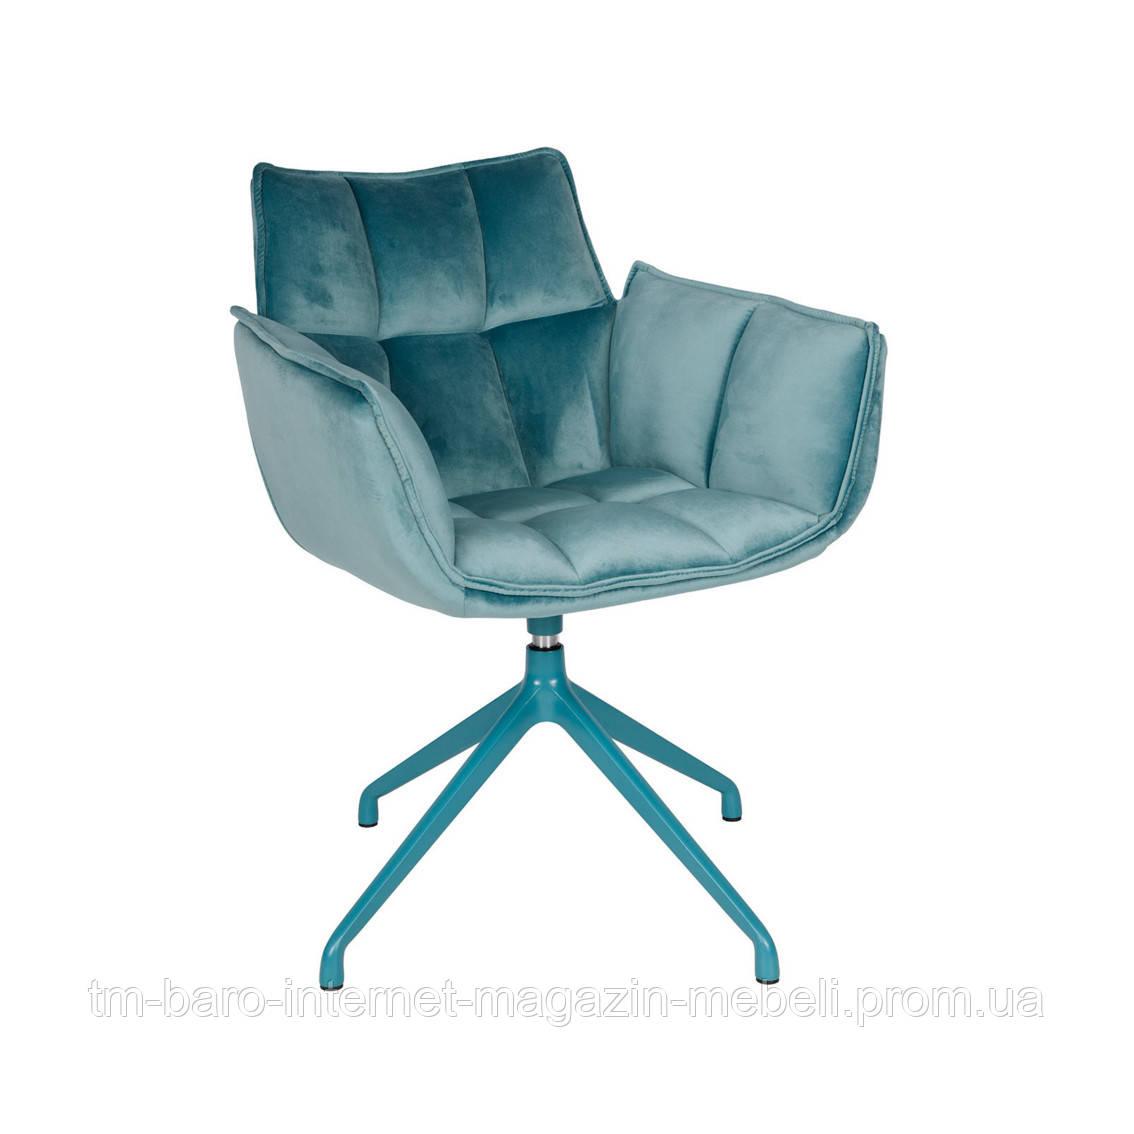 Кресло поворотное Chardonne (Шардонне), текстиль бирюза (Бесплатная доставка), Nicolas